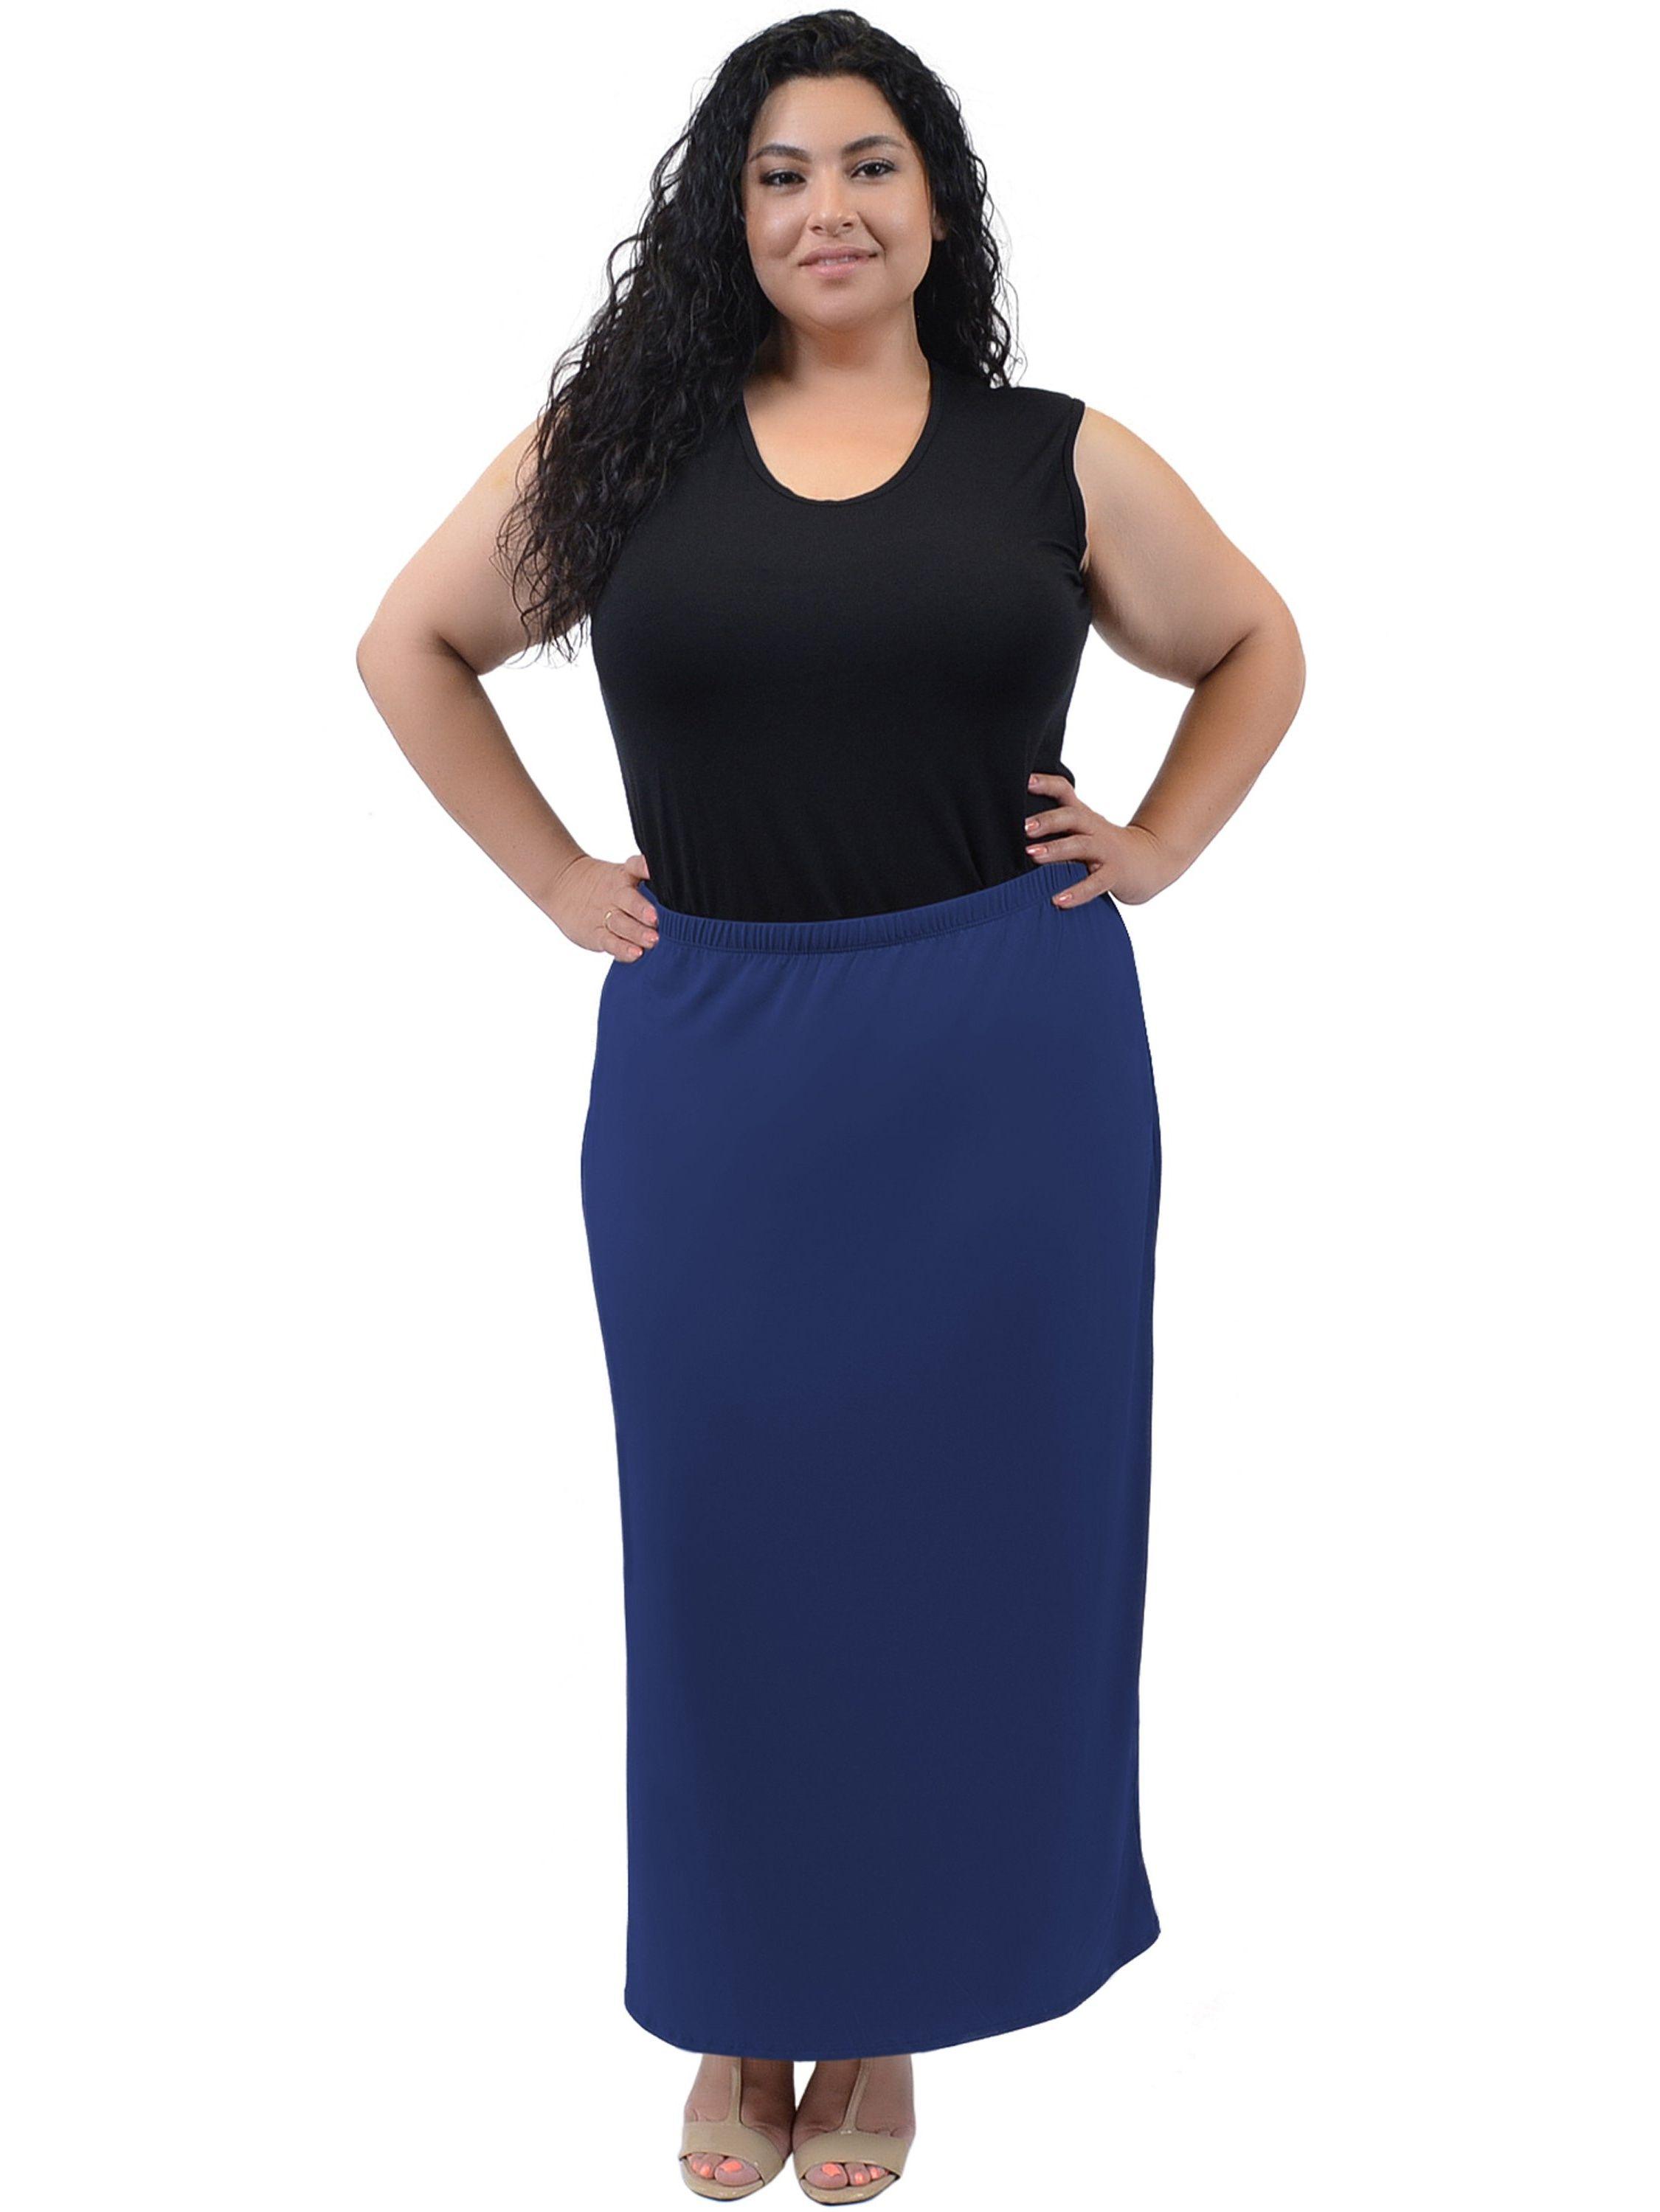 b6d0694439 Plus Size Long Tube Skirt - X-Large (12-14) / Navy Blue#Tube, #Skirt, #Size